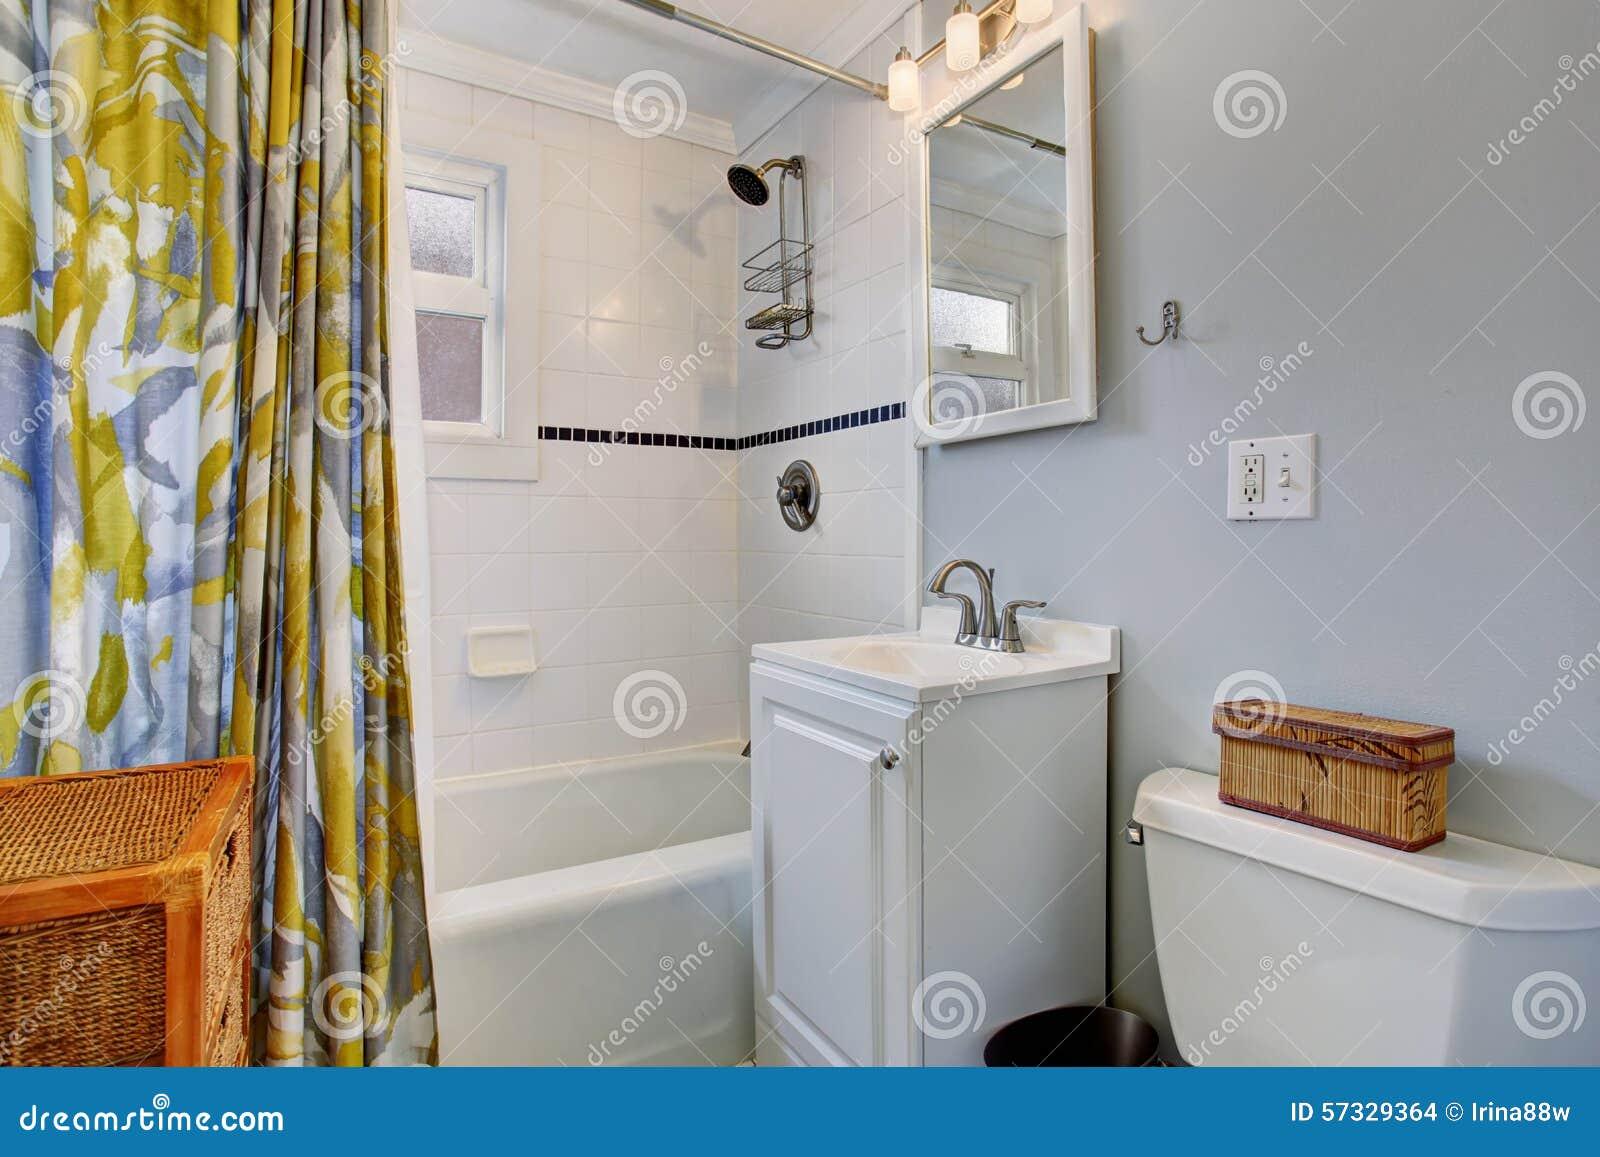 Tenda Per Vasca Da Bagno Piccola : Piccolo bagno con le pareti blu e tenda di doccia variopinta